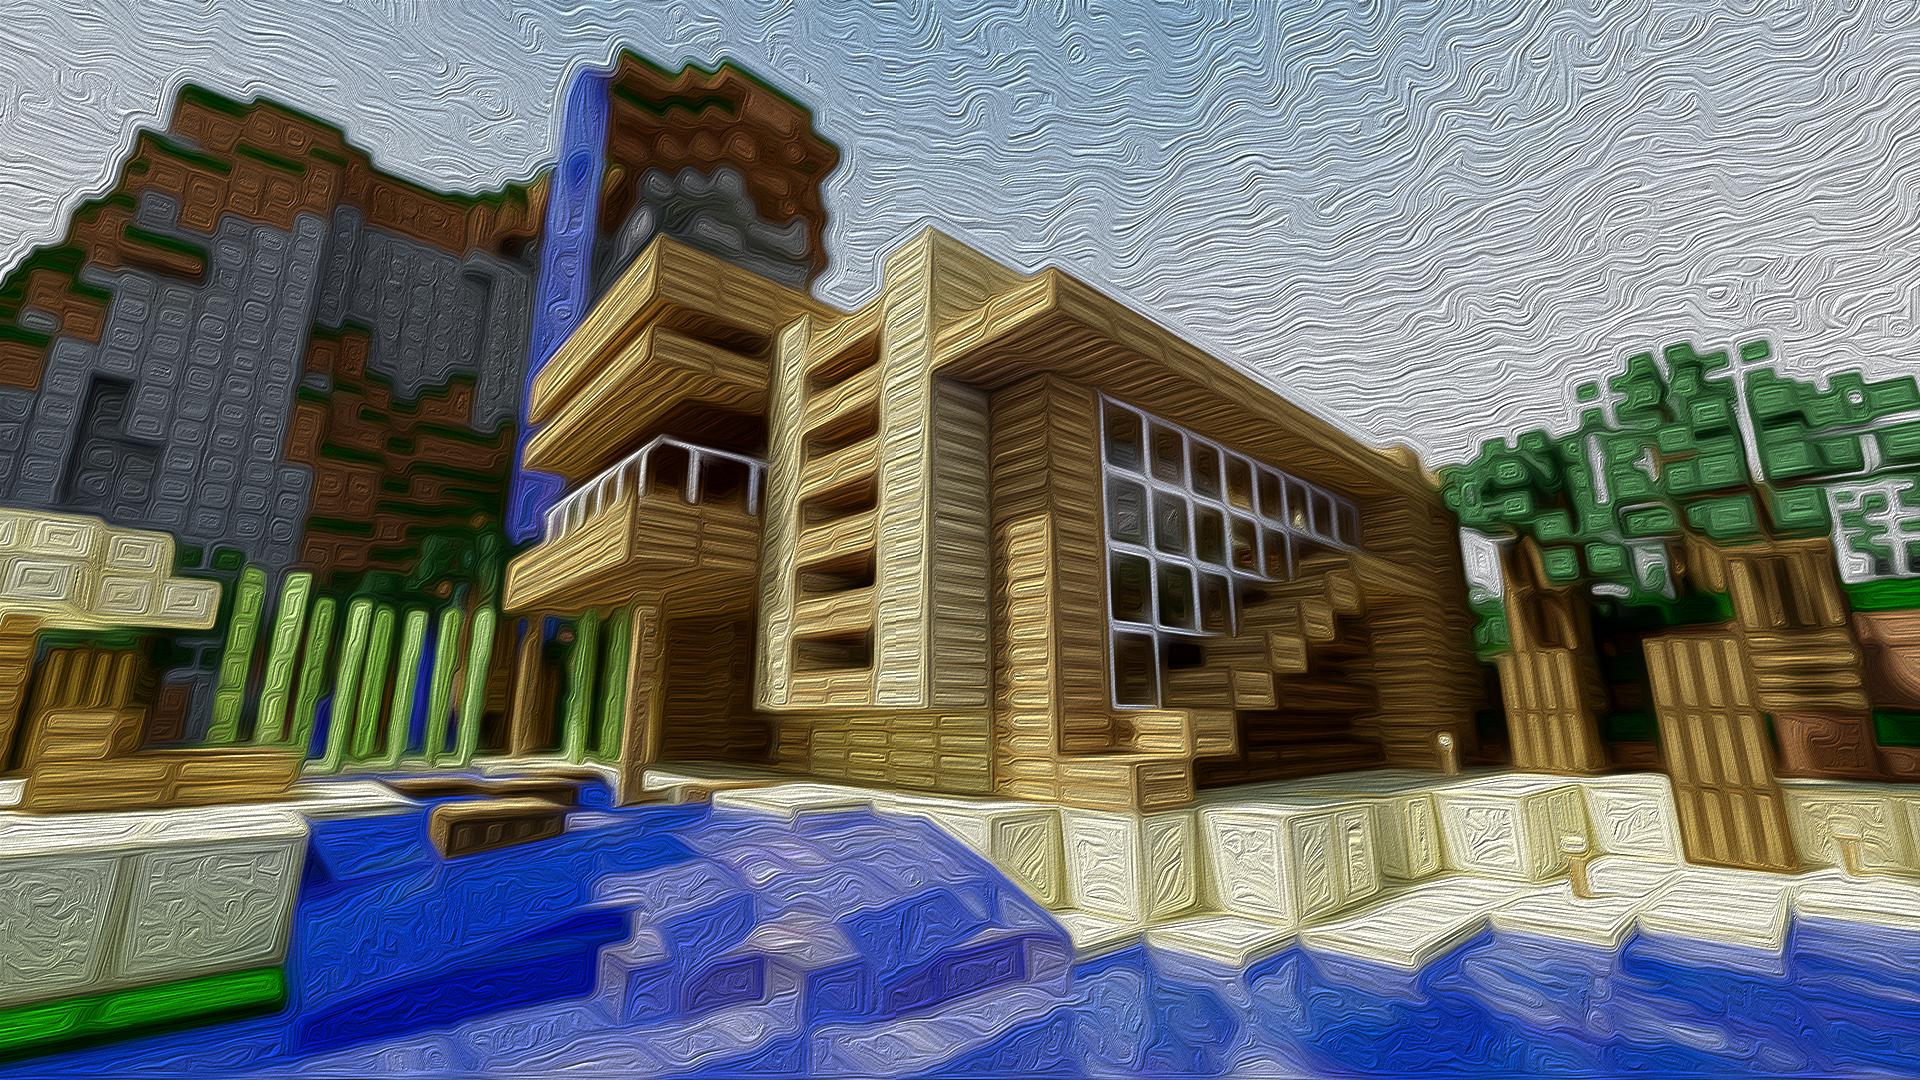 Maison en bois moderne avec une rivière dans minecraft